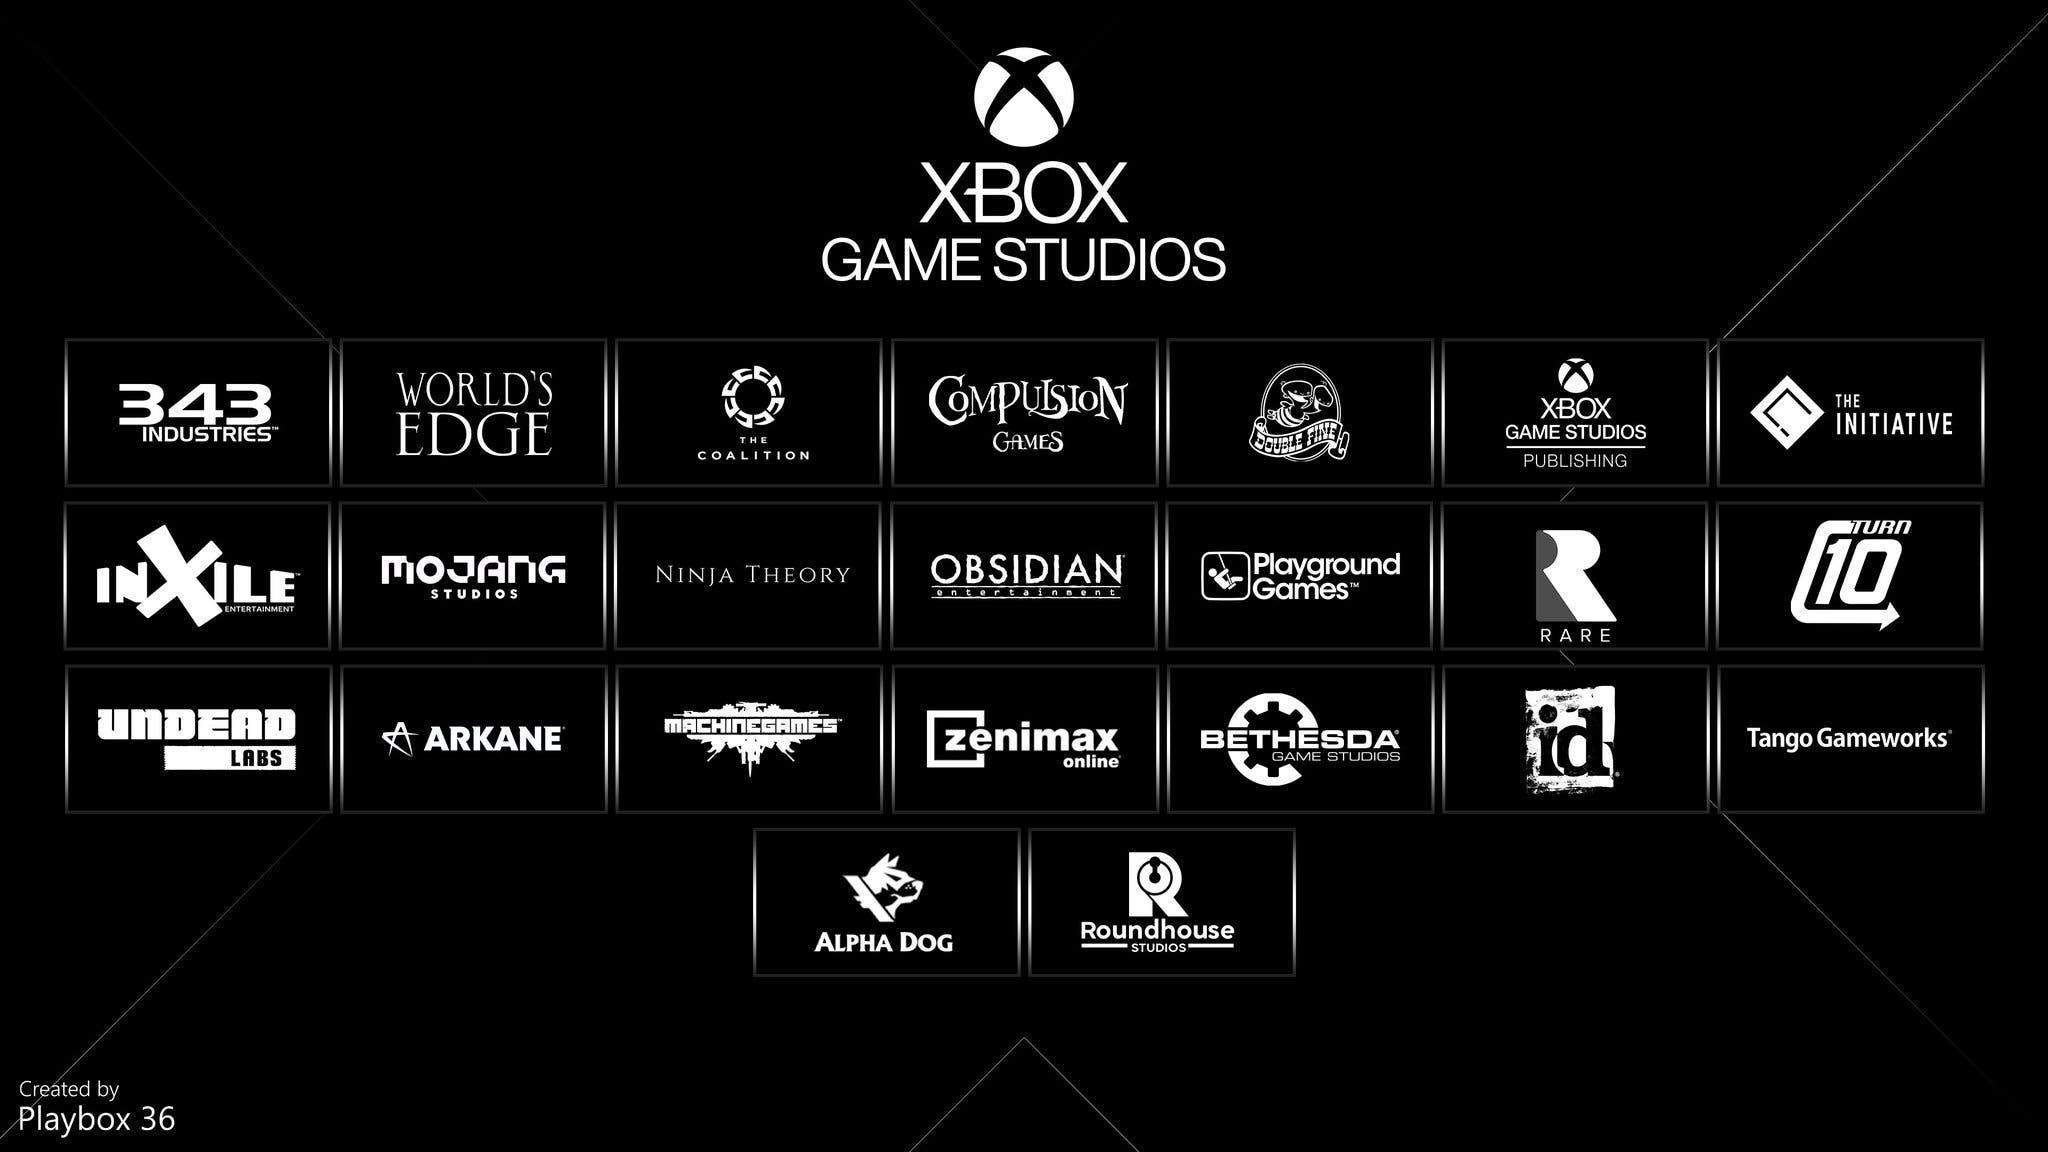 Xbox anunciará 5 nuevos juegos AAA